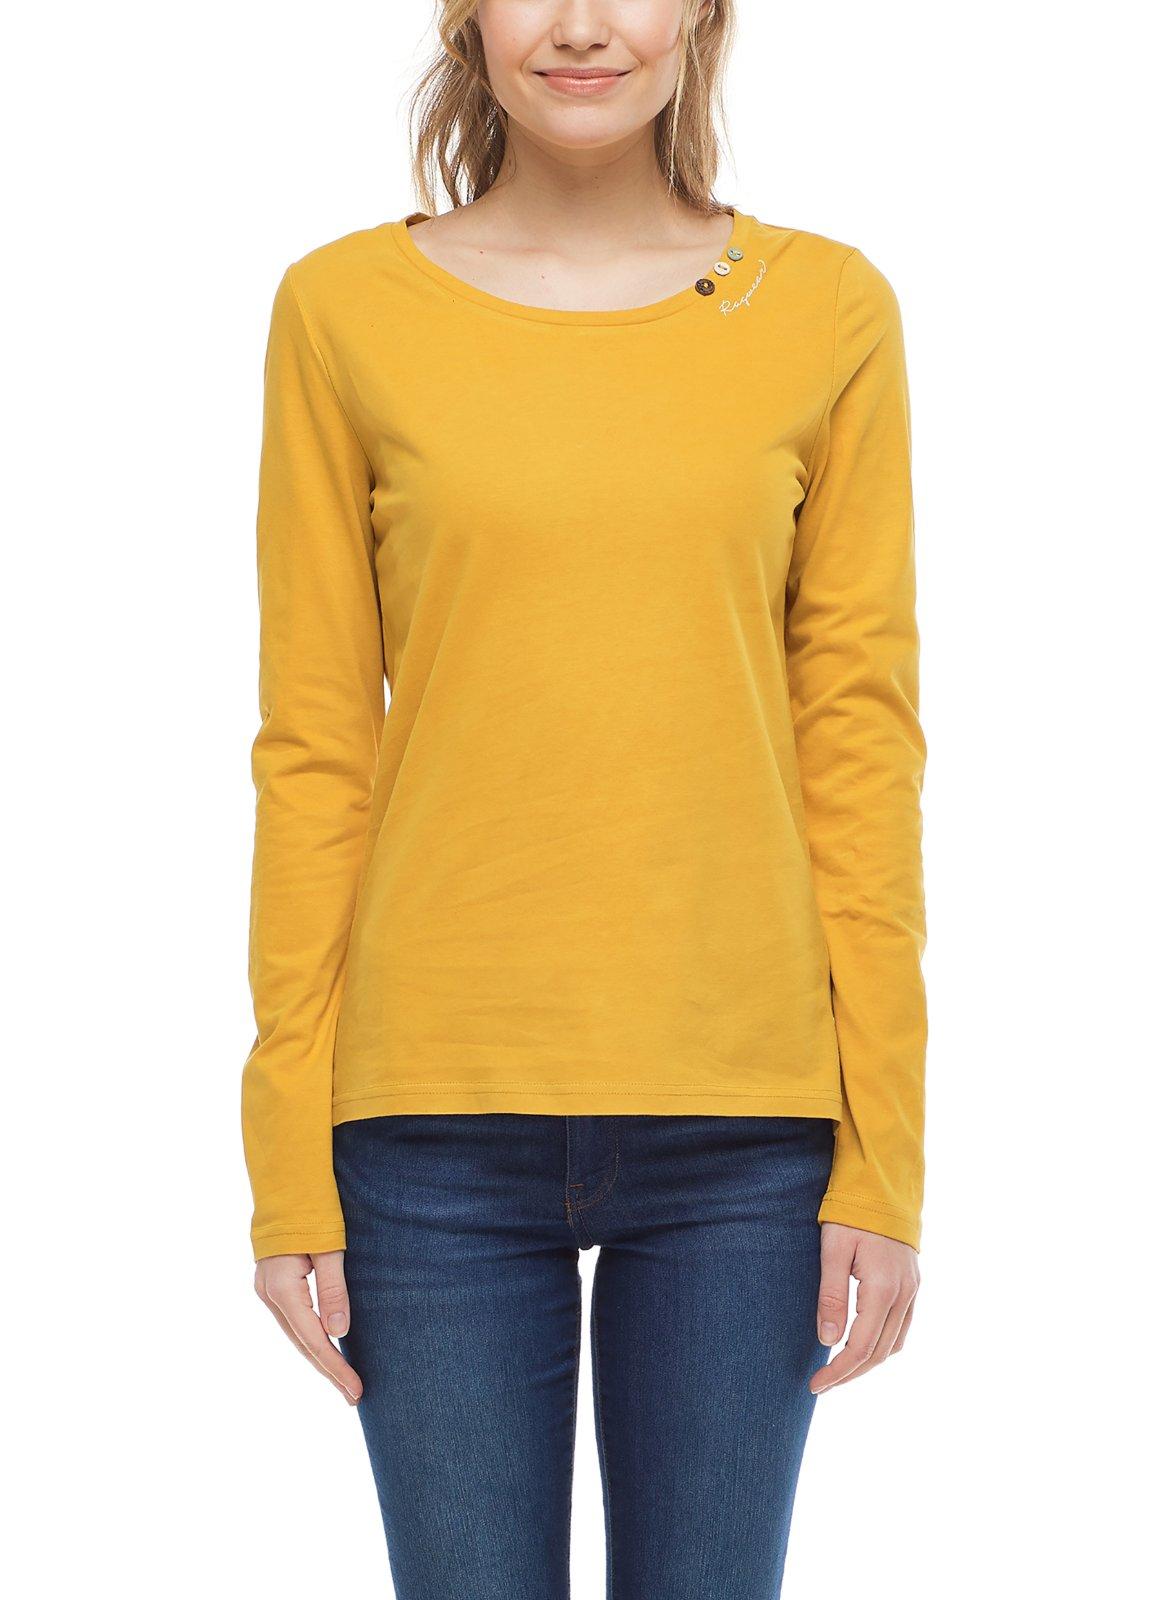 RAGWEAR-FLORAH-LONG-B-ORGANIC-T-Shirt-honey